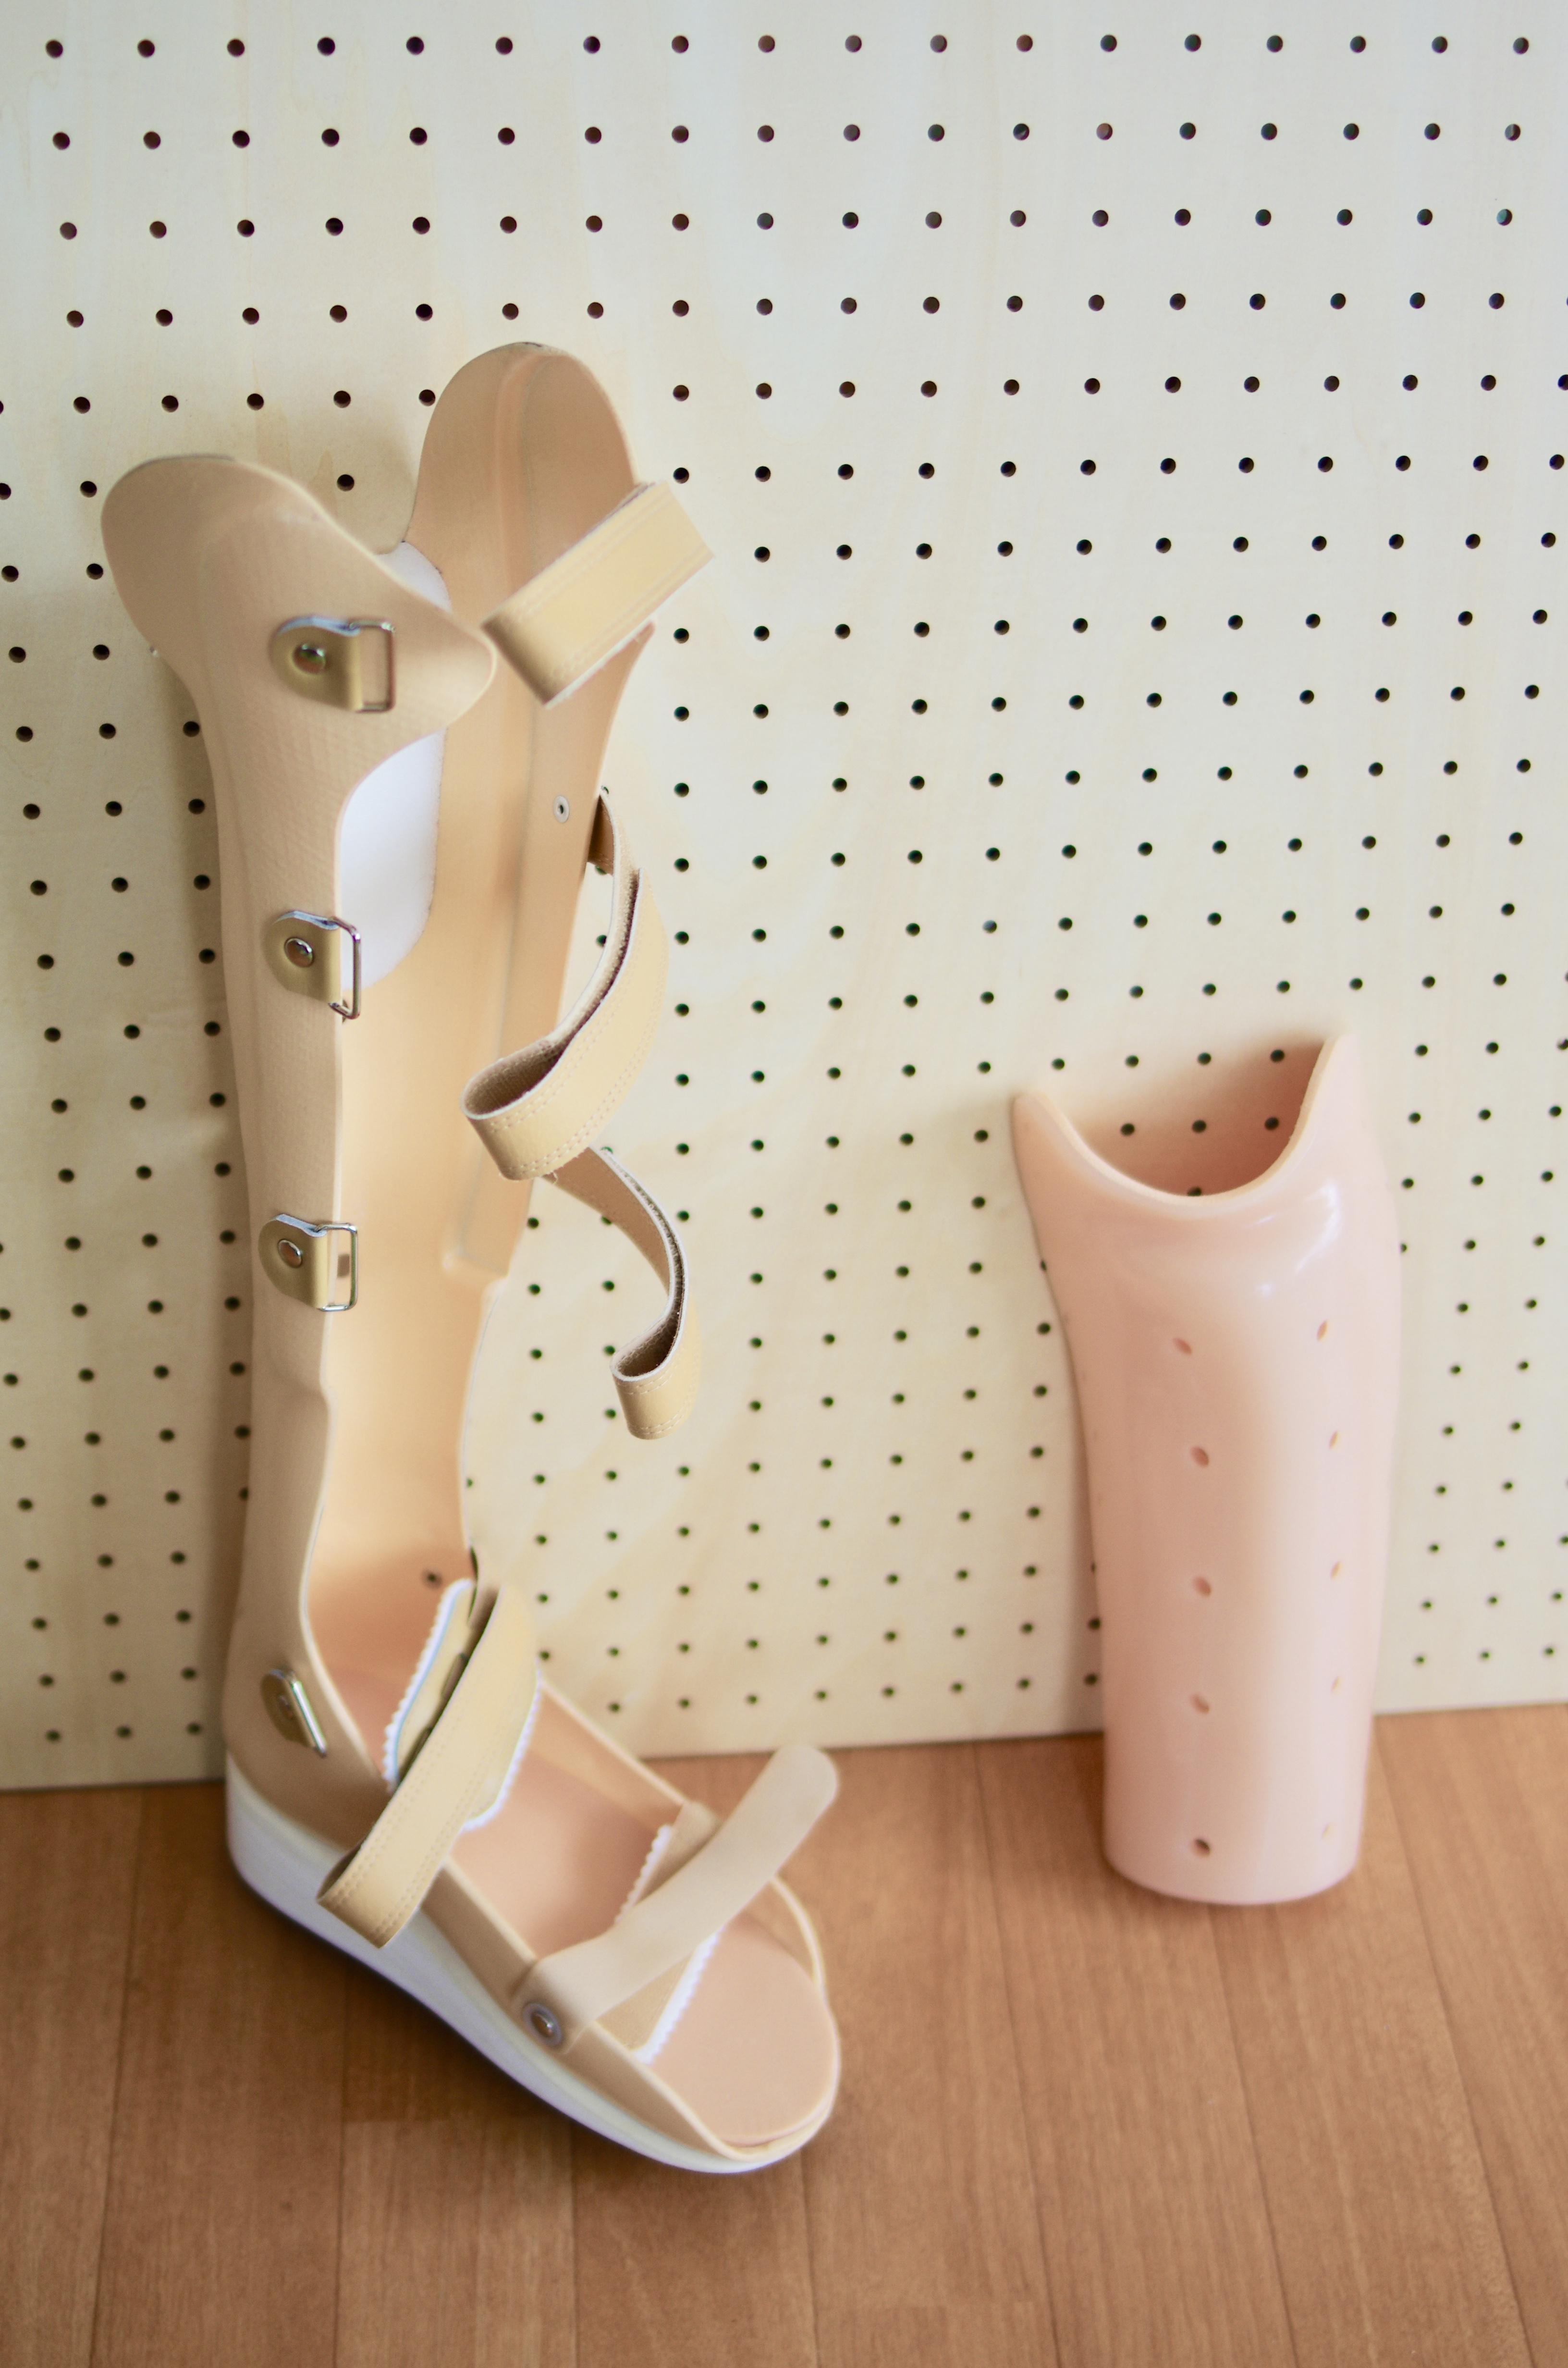 骨折体験談【PTB装具と松葉杖の使い方を比較】